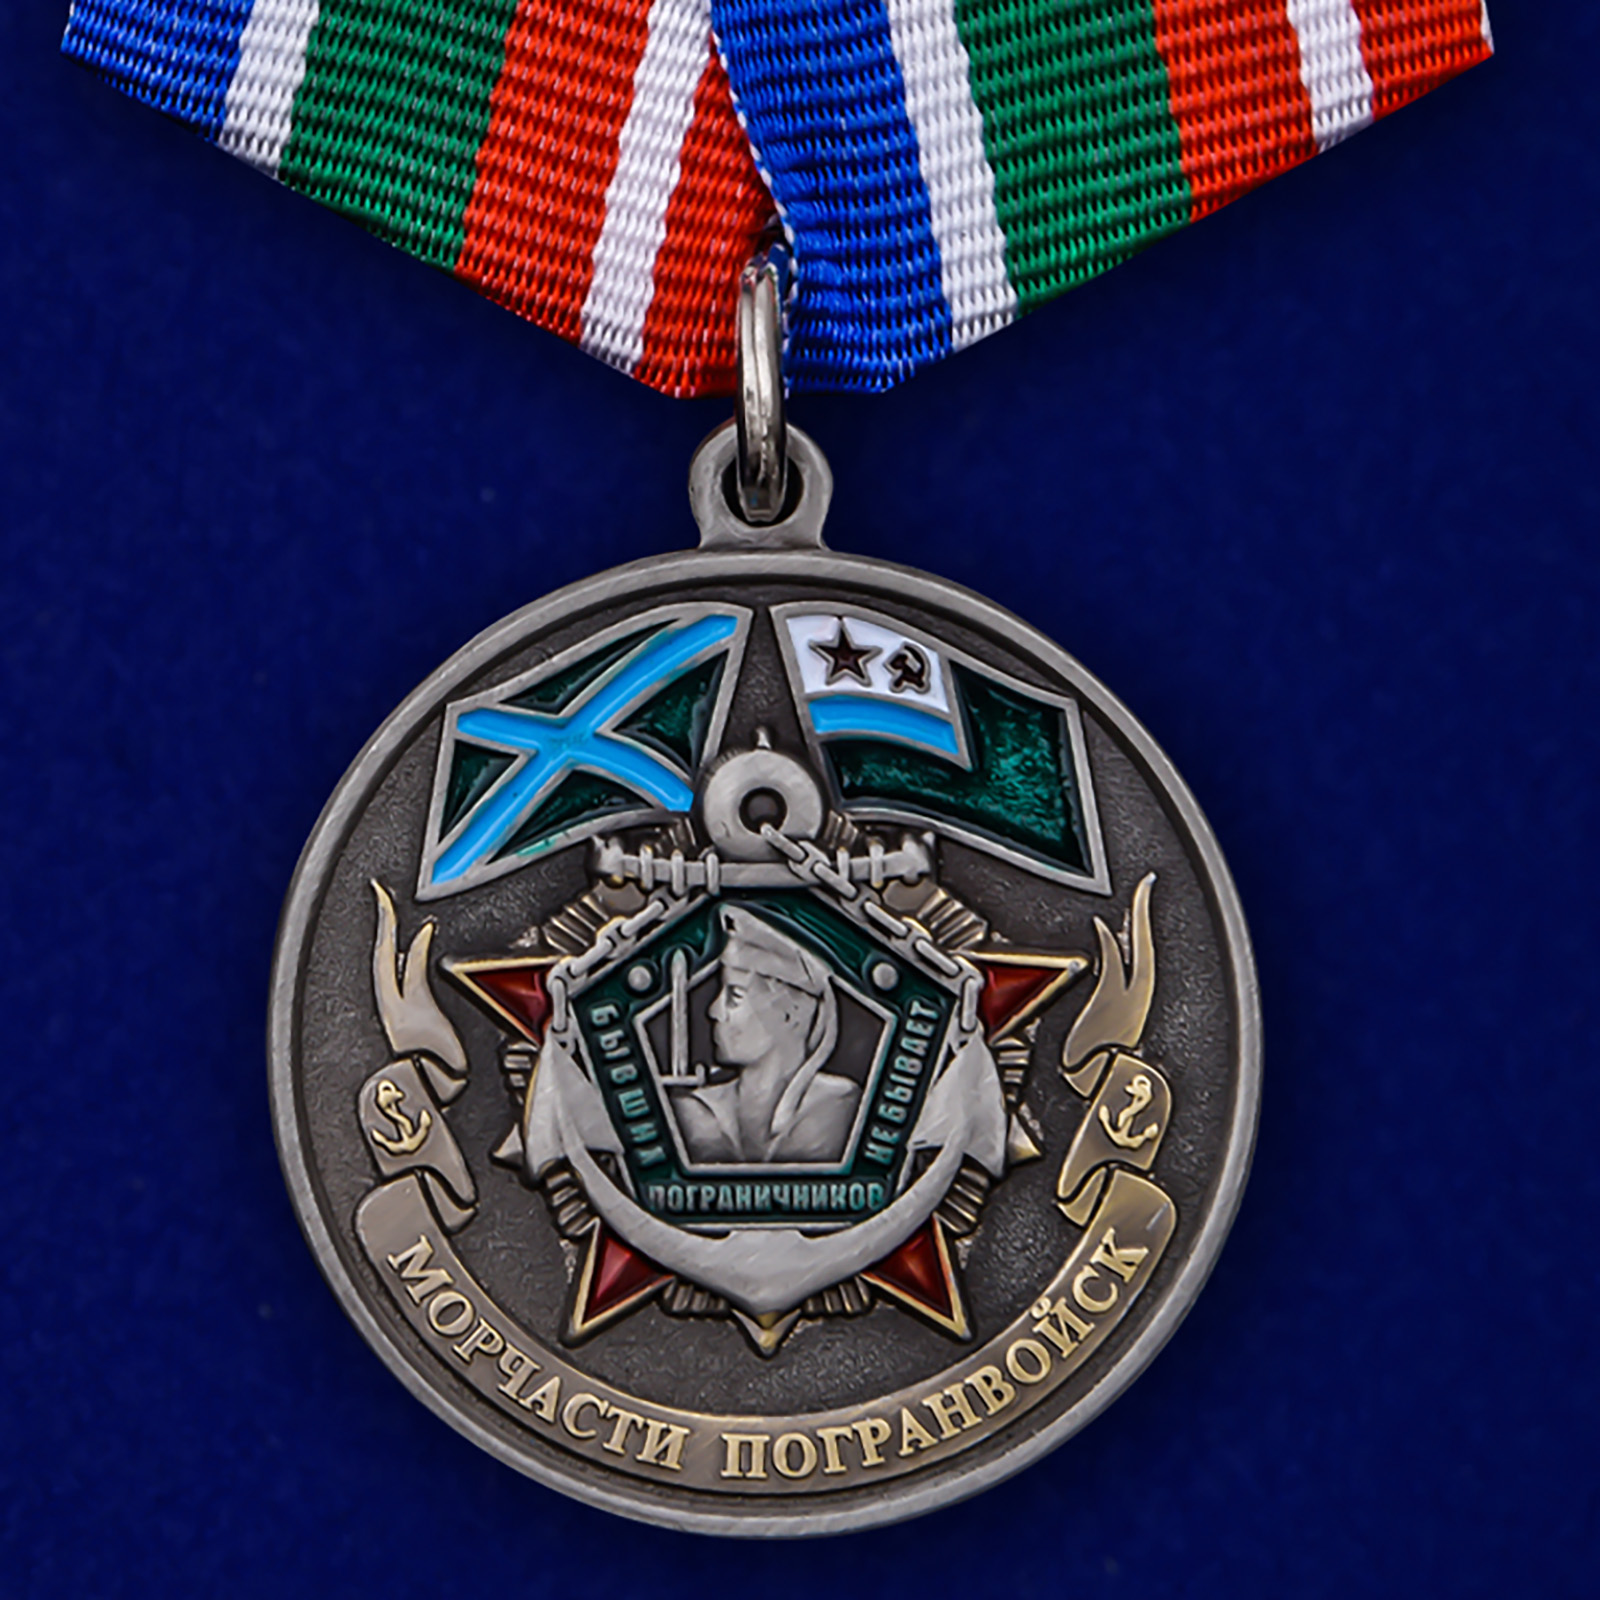 Медаль Морчастей погранвойск (Ветеран) №302